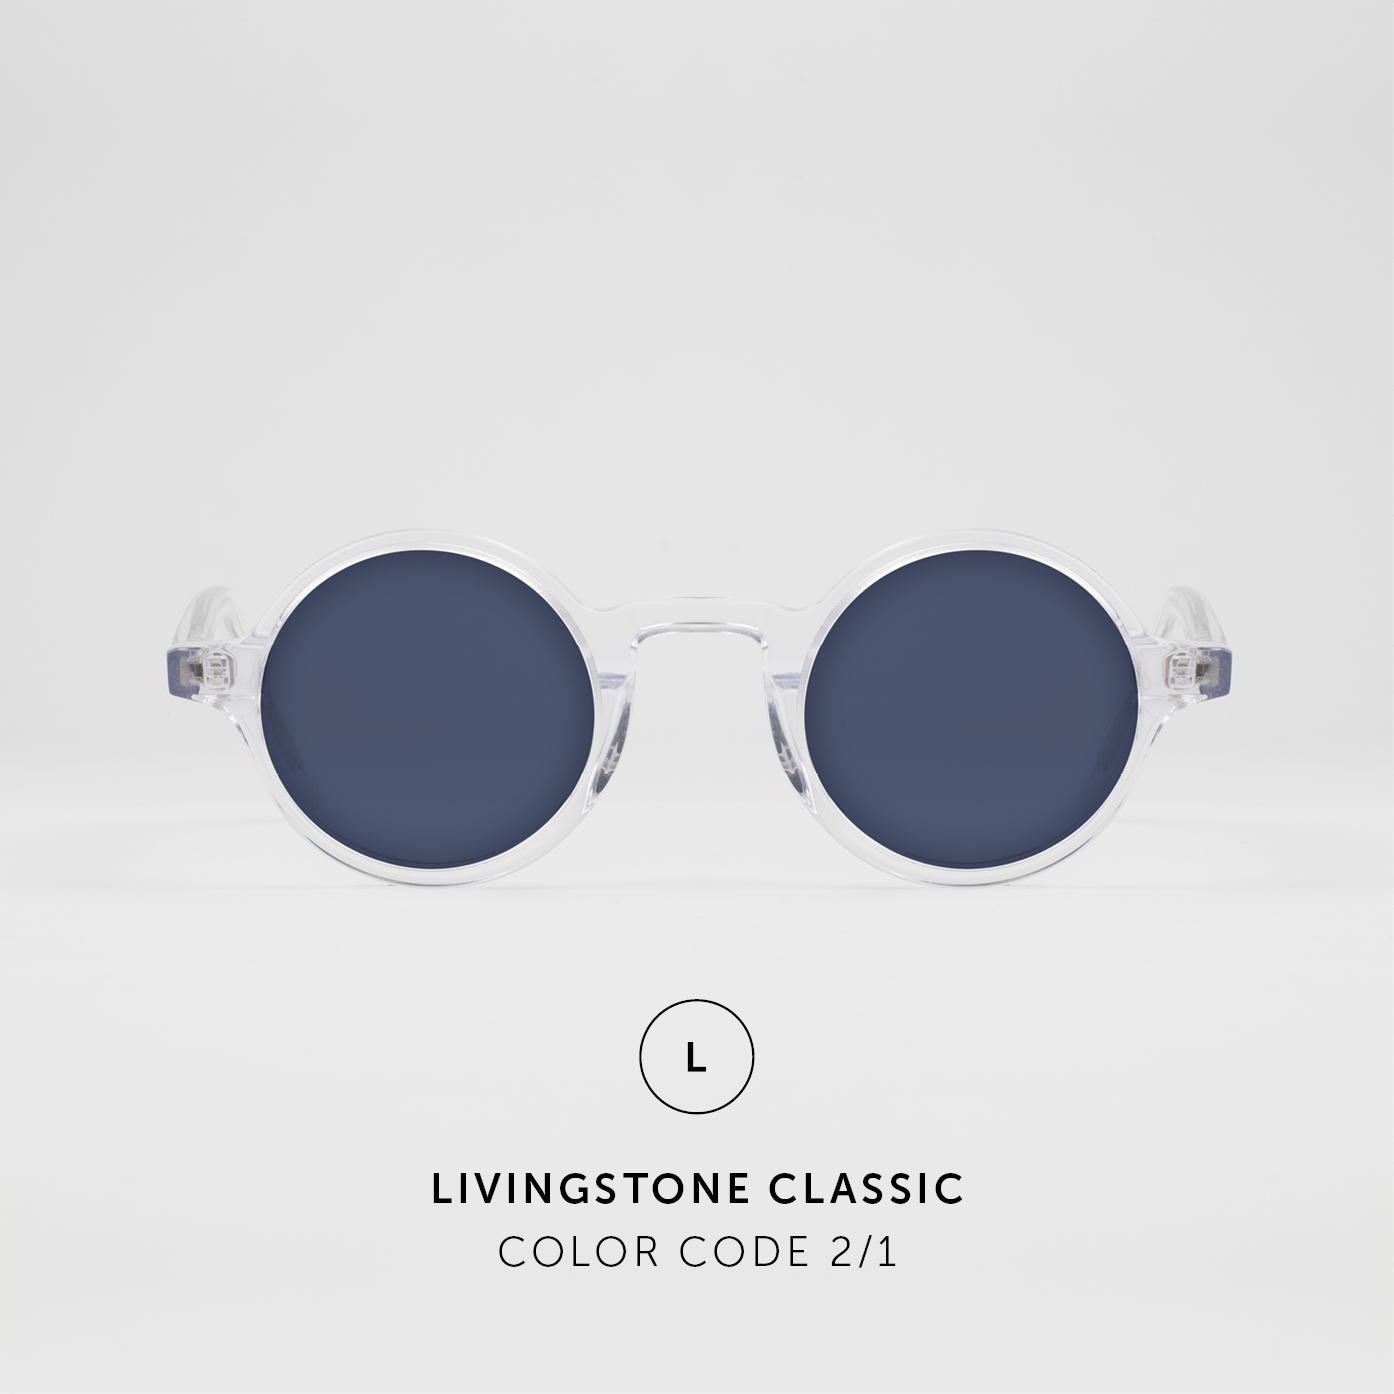 LivingstoneClassic15.jpg